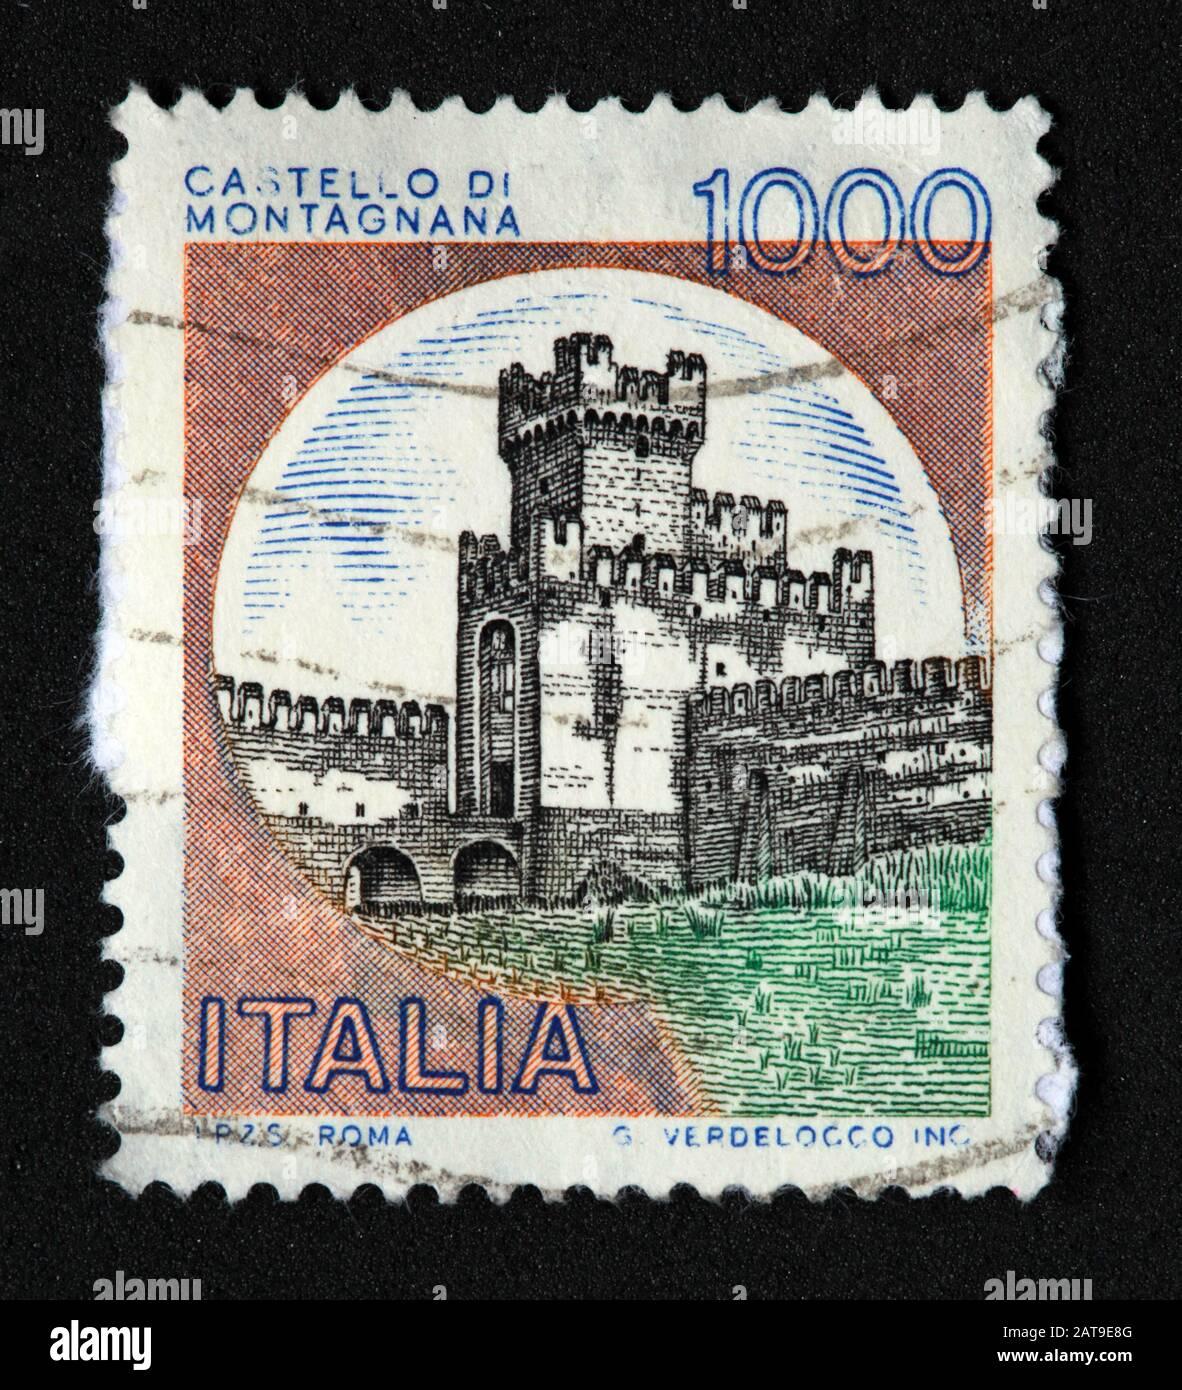 Dieses Stockfoto: Italienische Briefmarke, poste Italia verwendete und bestockte Stempel, Schlösser Italiens, Italia 1000Lire Castello Di Montagnana G.Verdelocco Inc - 2AT9E8